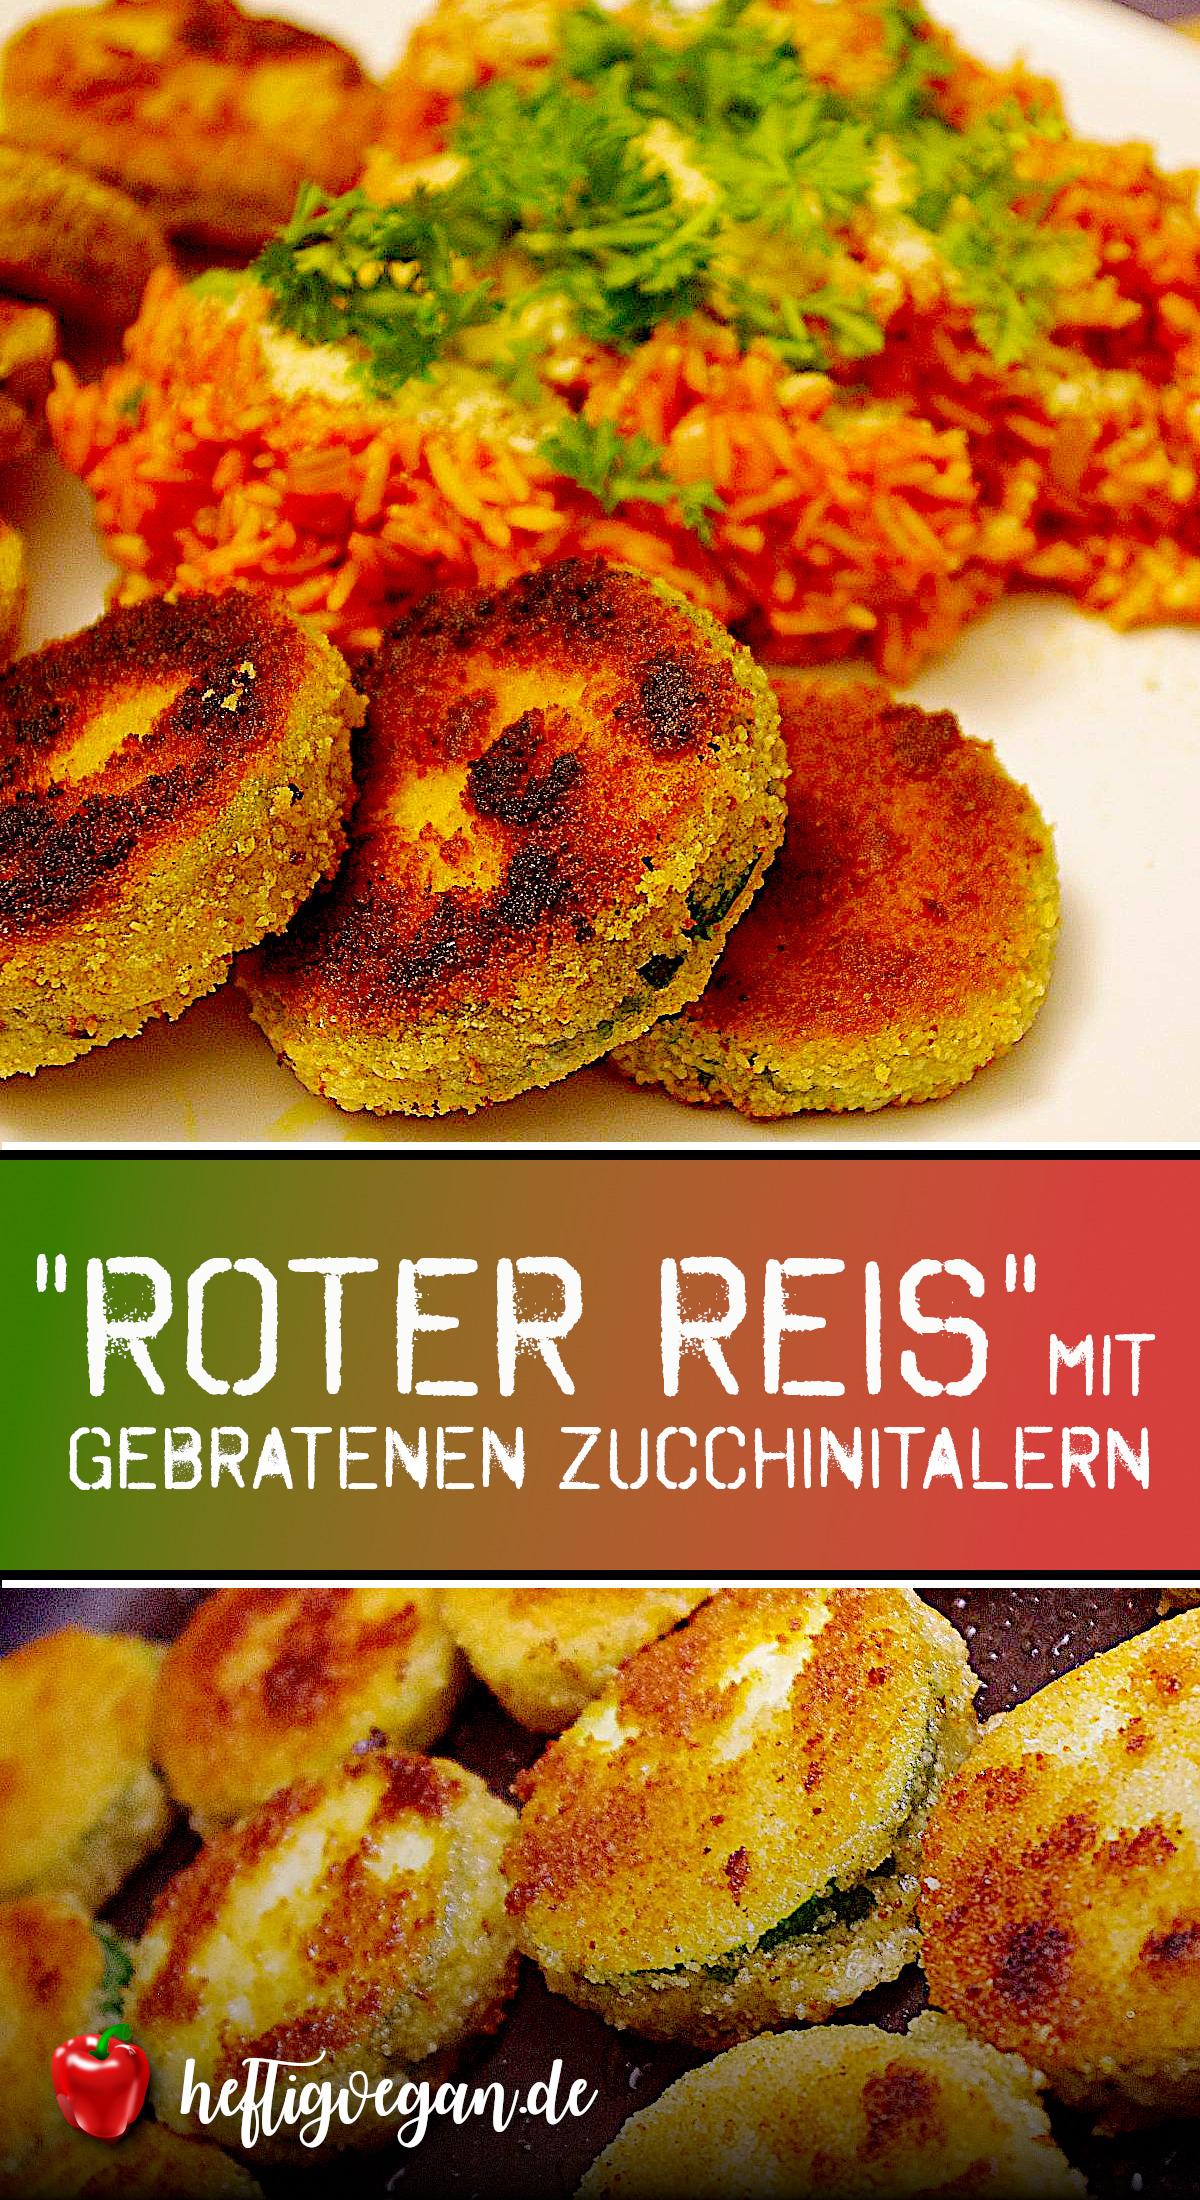 Roter Reis mit Zucchinitalern auf Pinterest